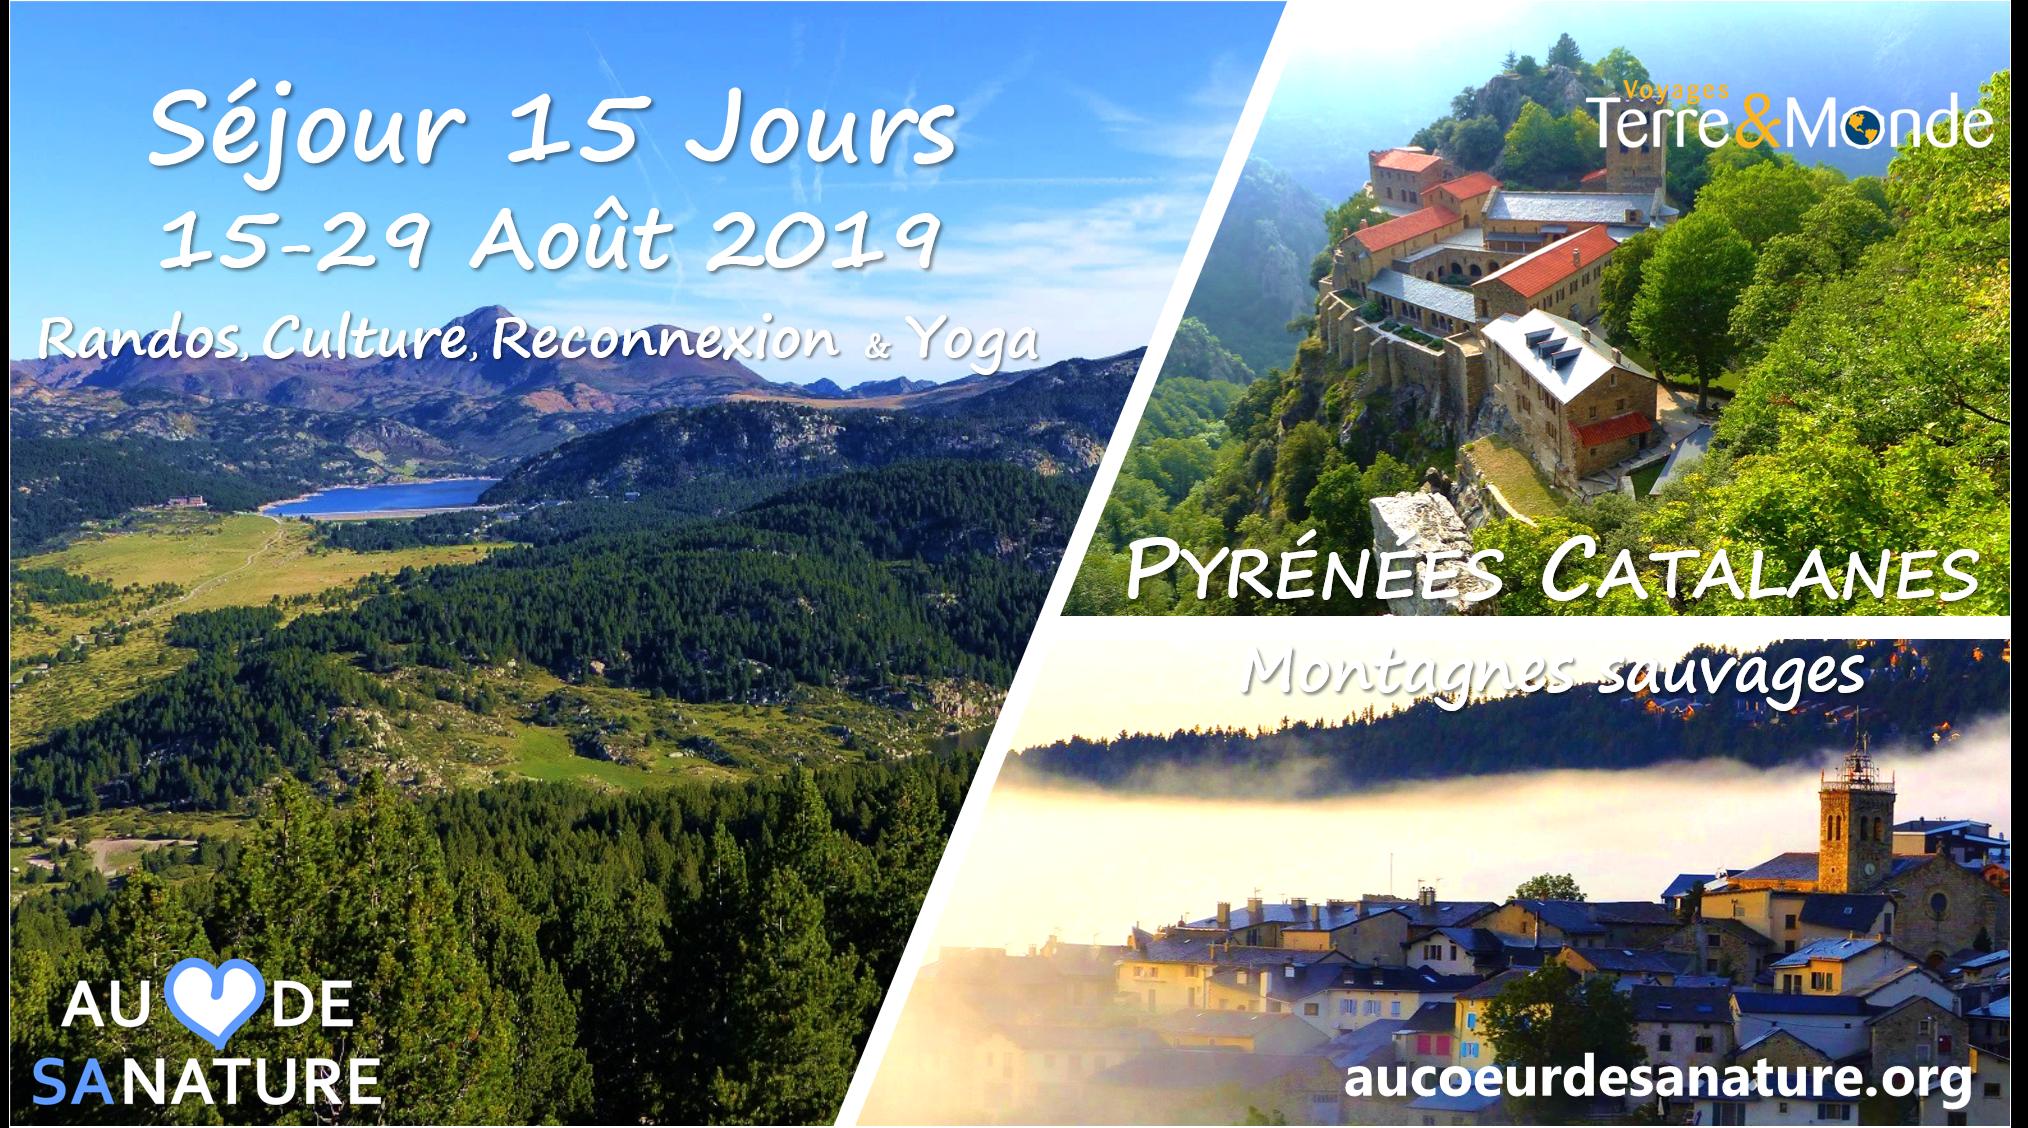 Pyrennees